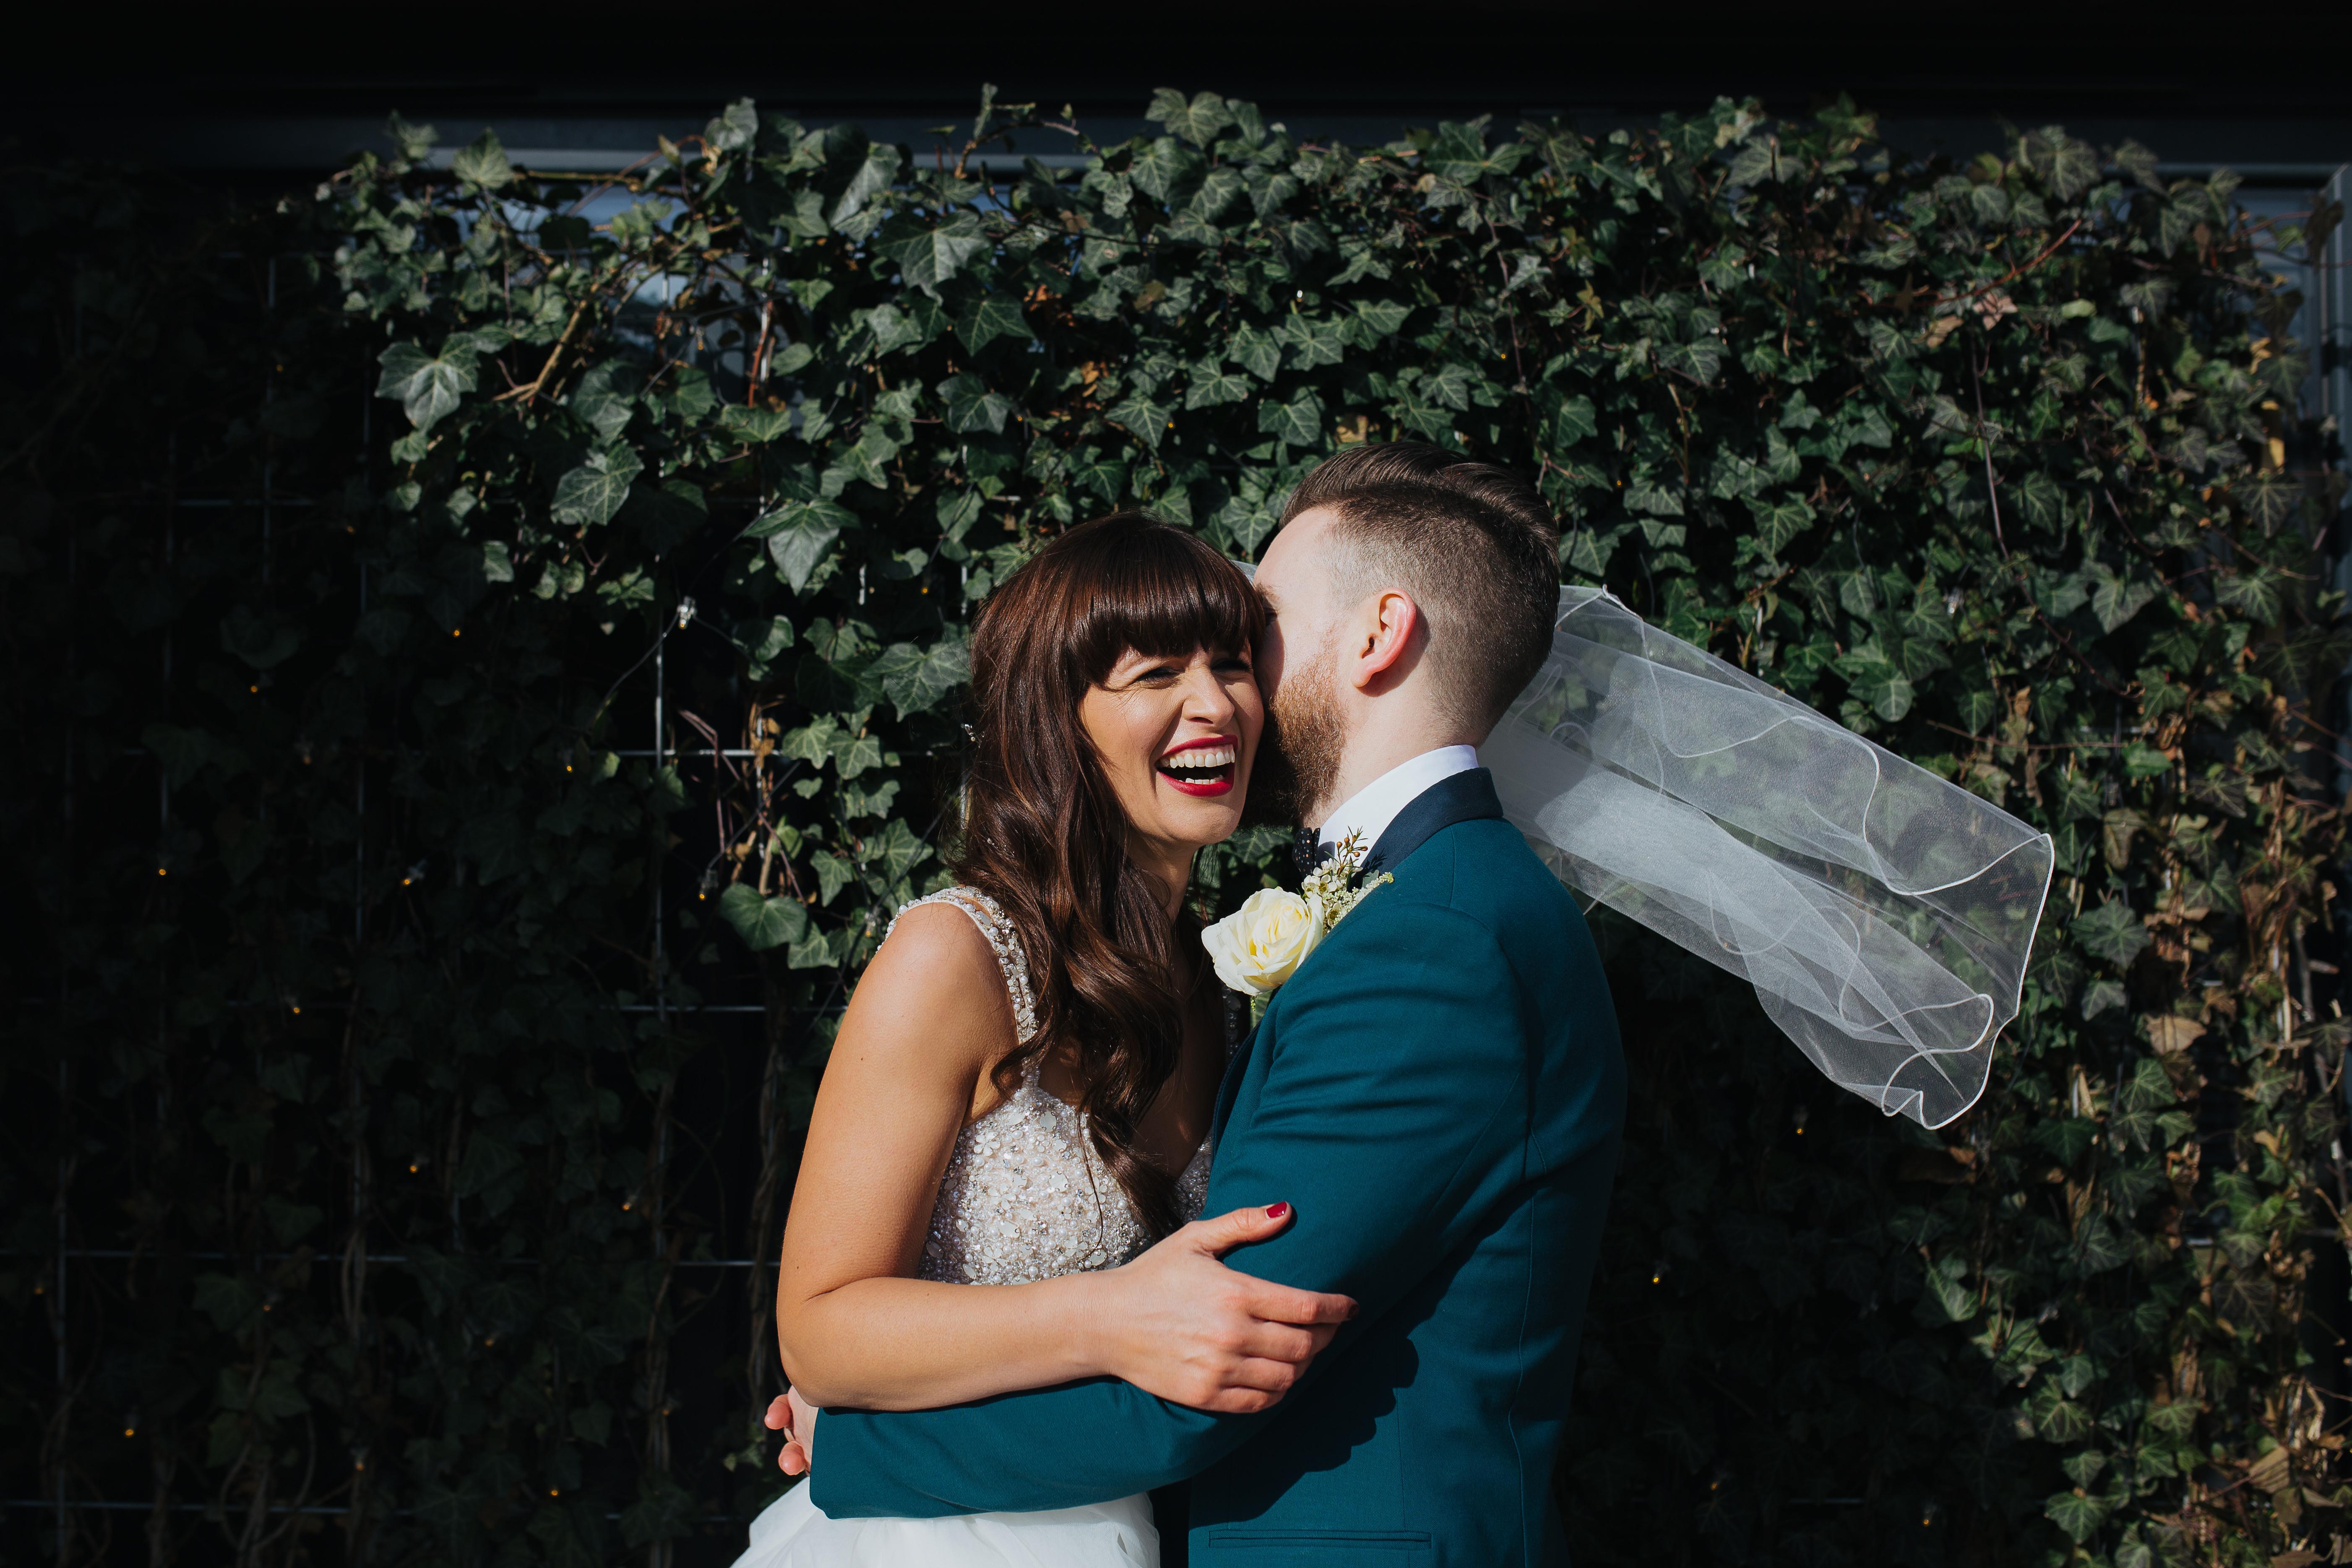 Couple having fun leeds weddings 2019